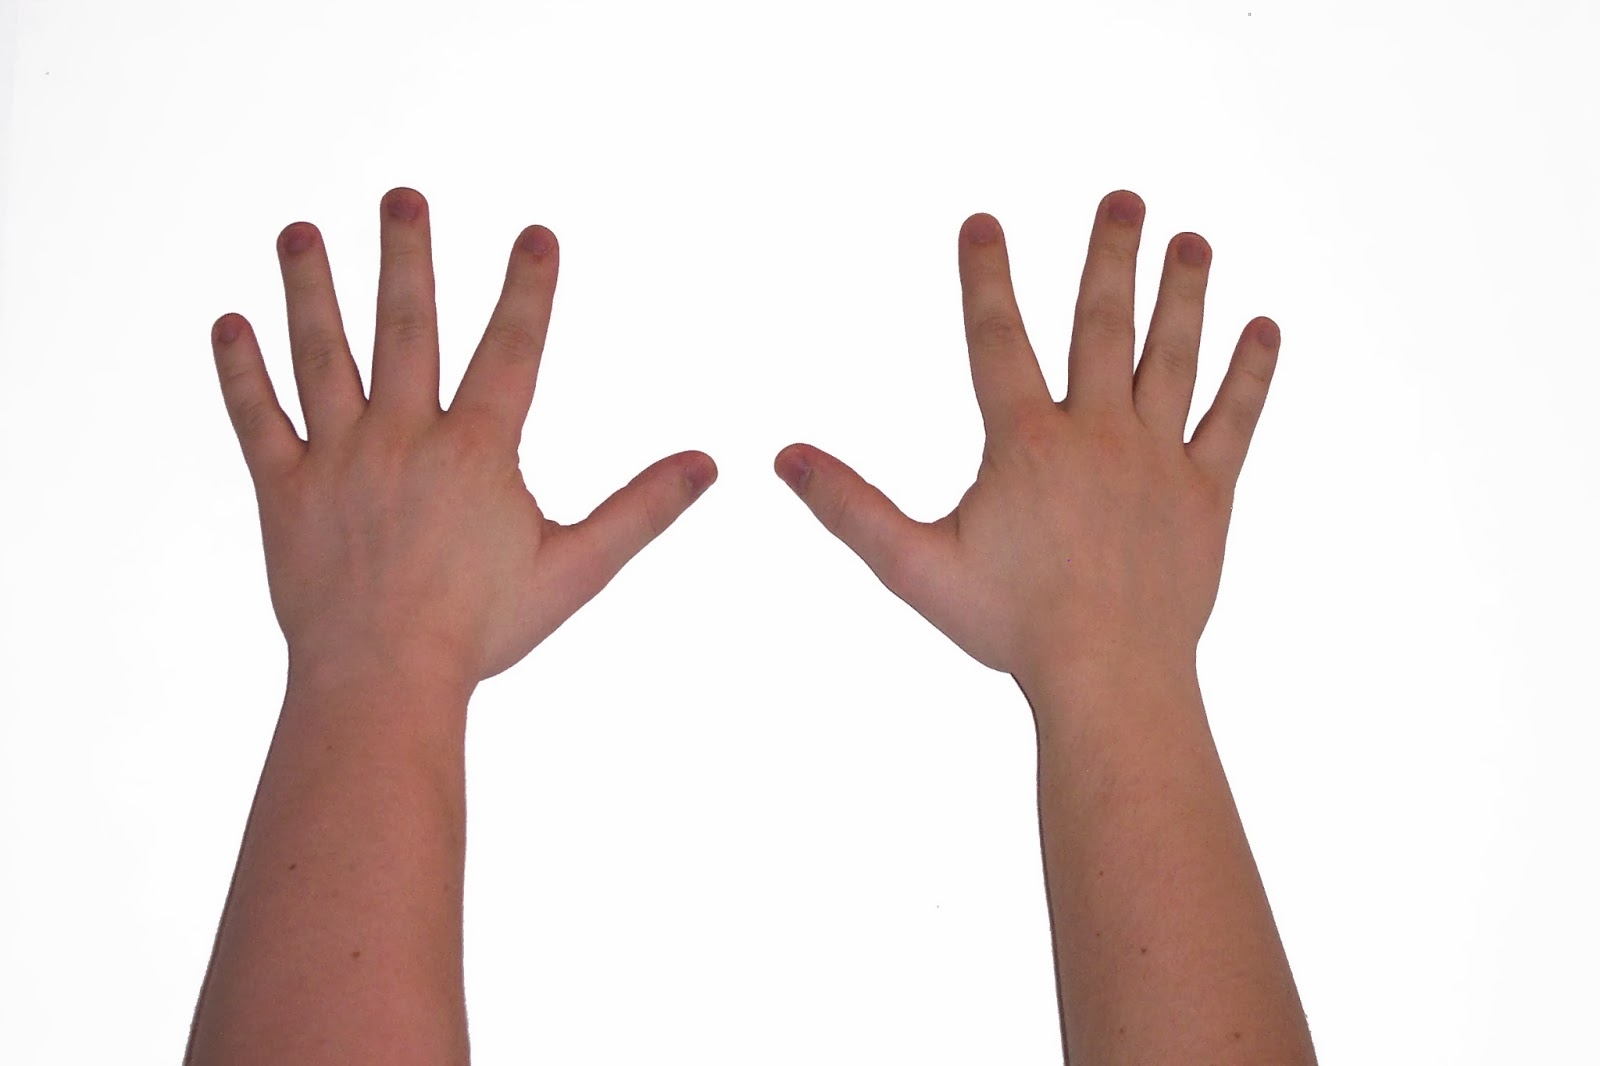 Zehn Finger PNG - 40890